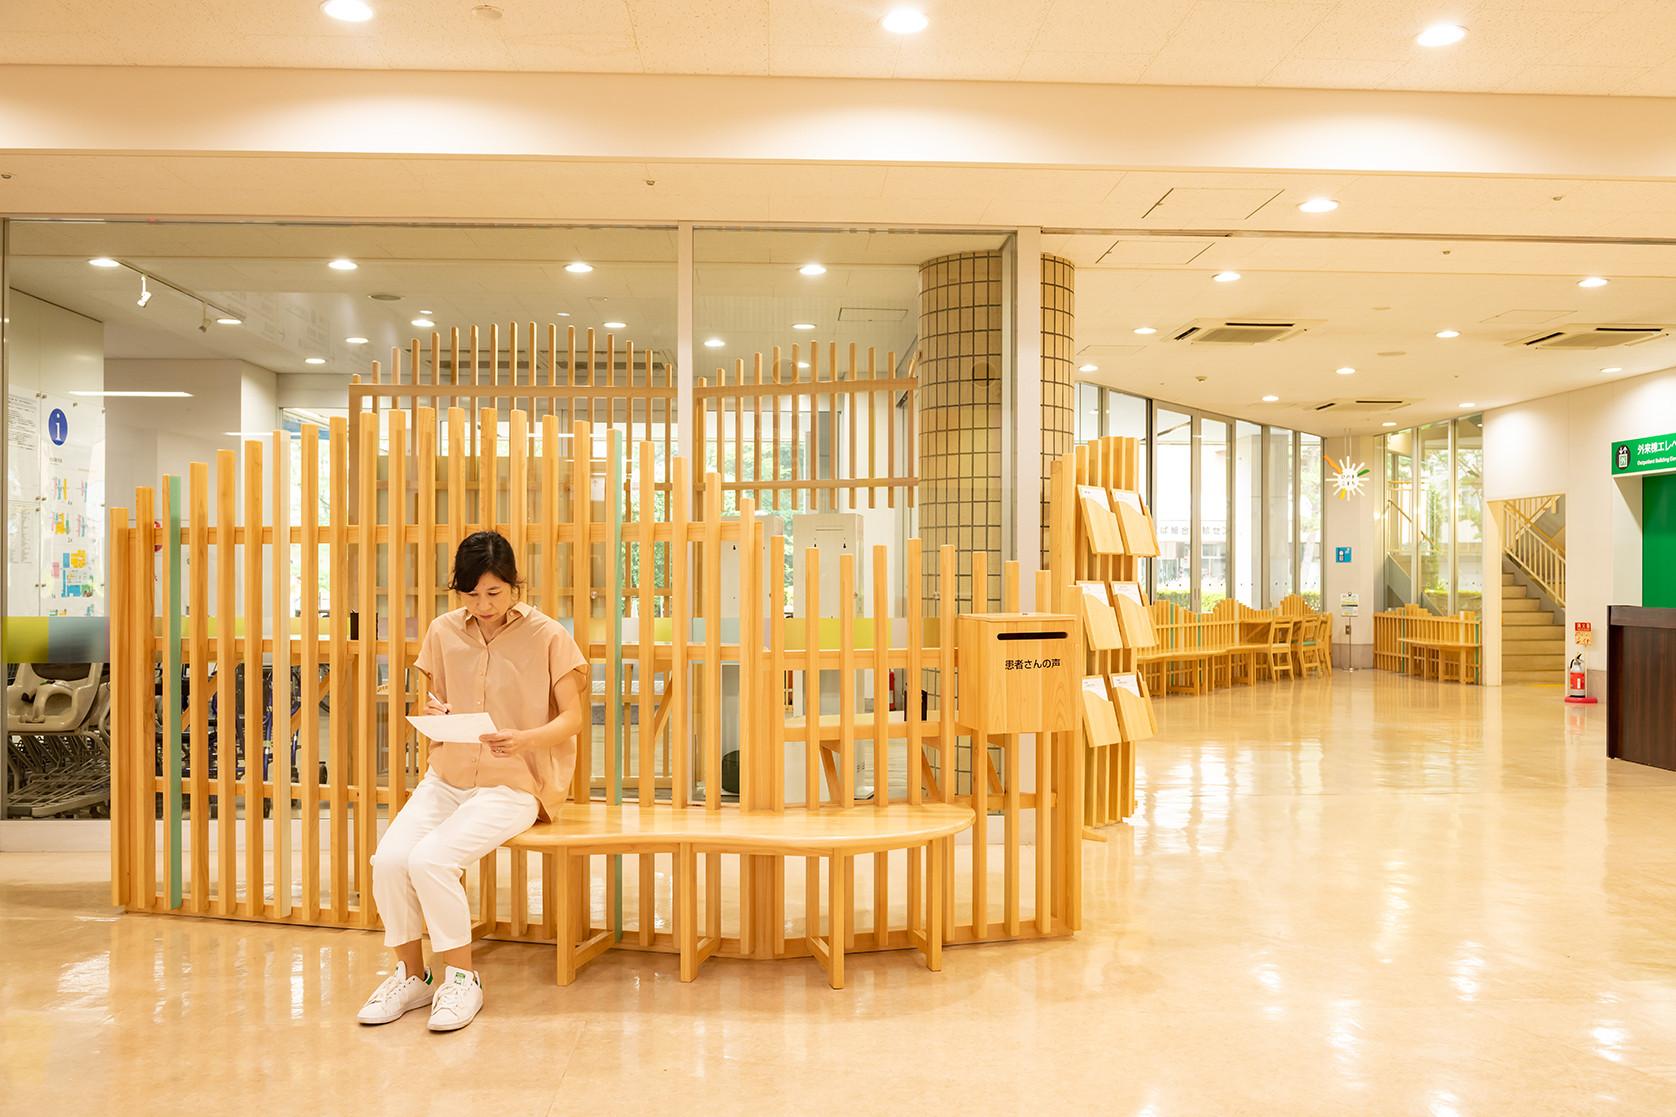 エントランスの改修「病院の顔づくりプロジェクト」/adpチームパプリカ